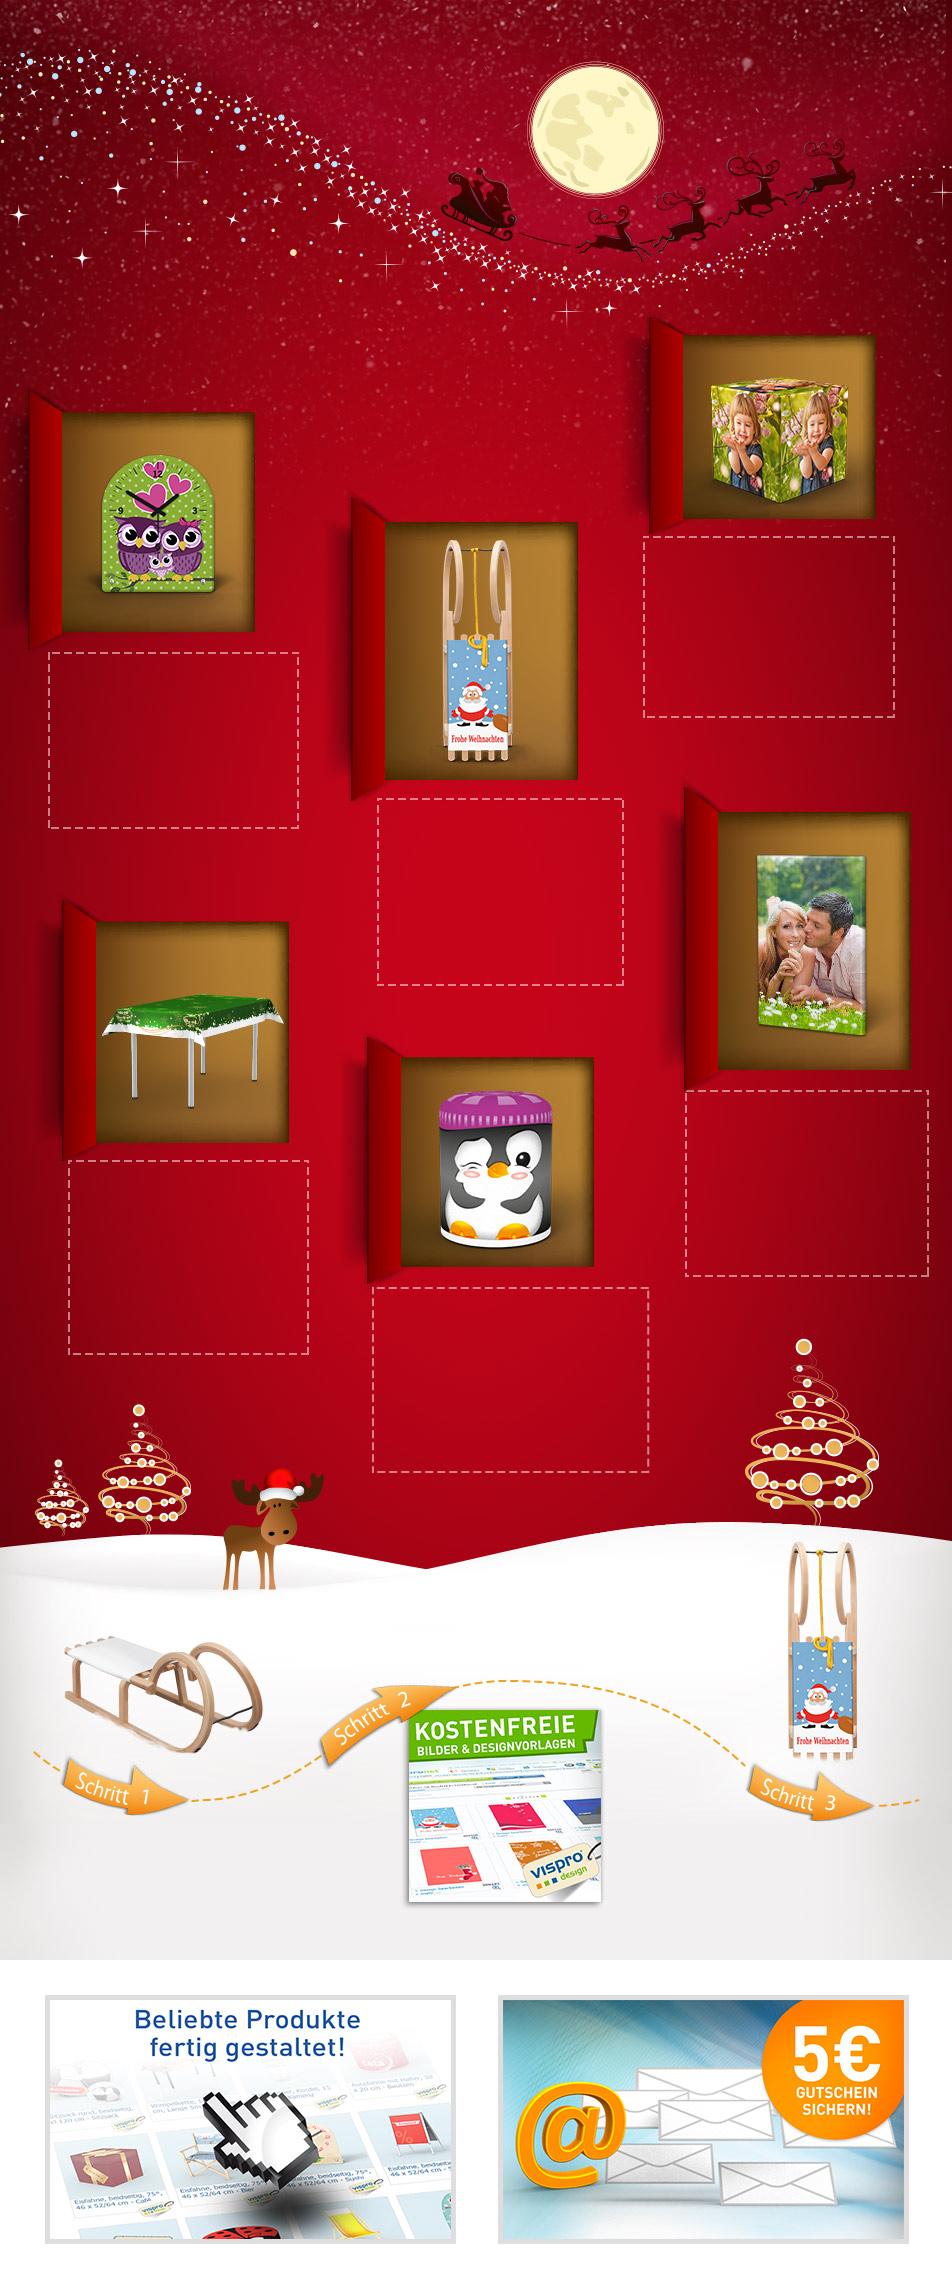 Kostenfreie Bilder Weihnachten.Weihnachten Themenwelten